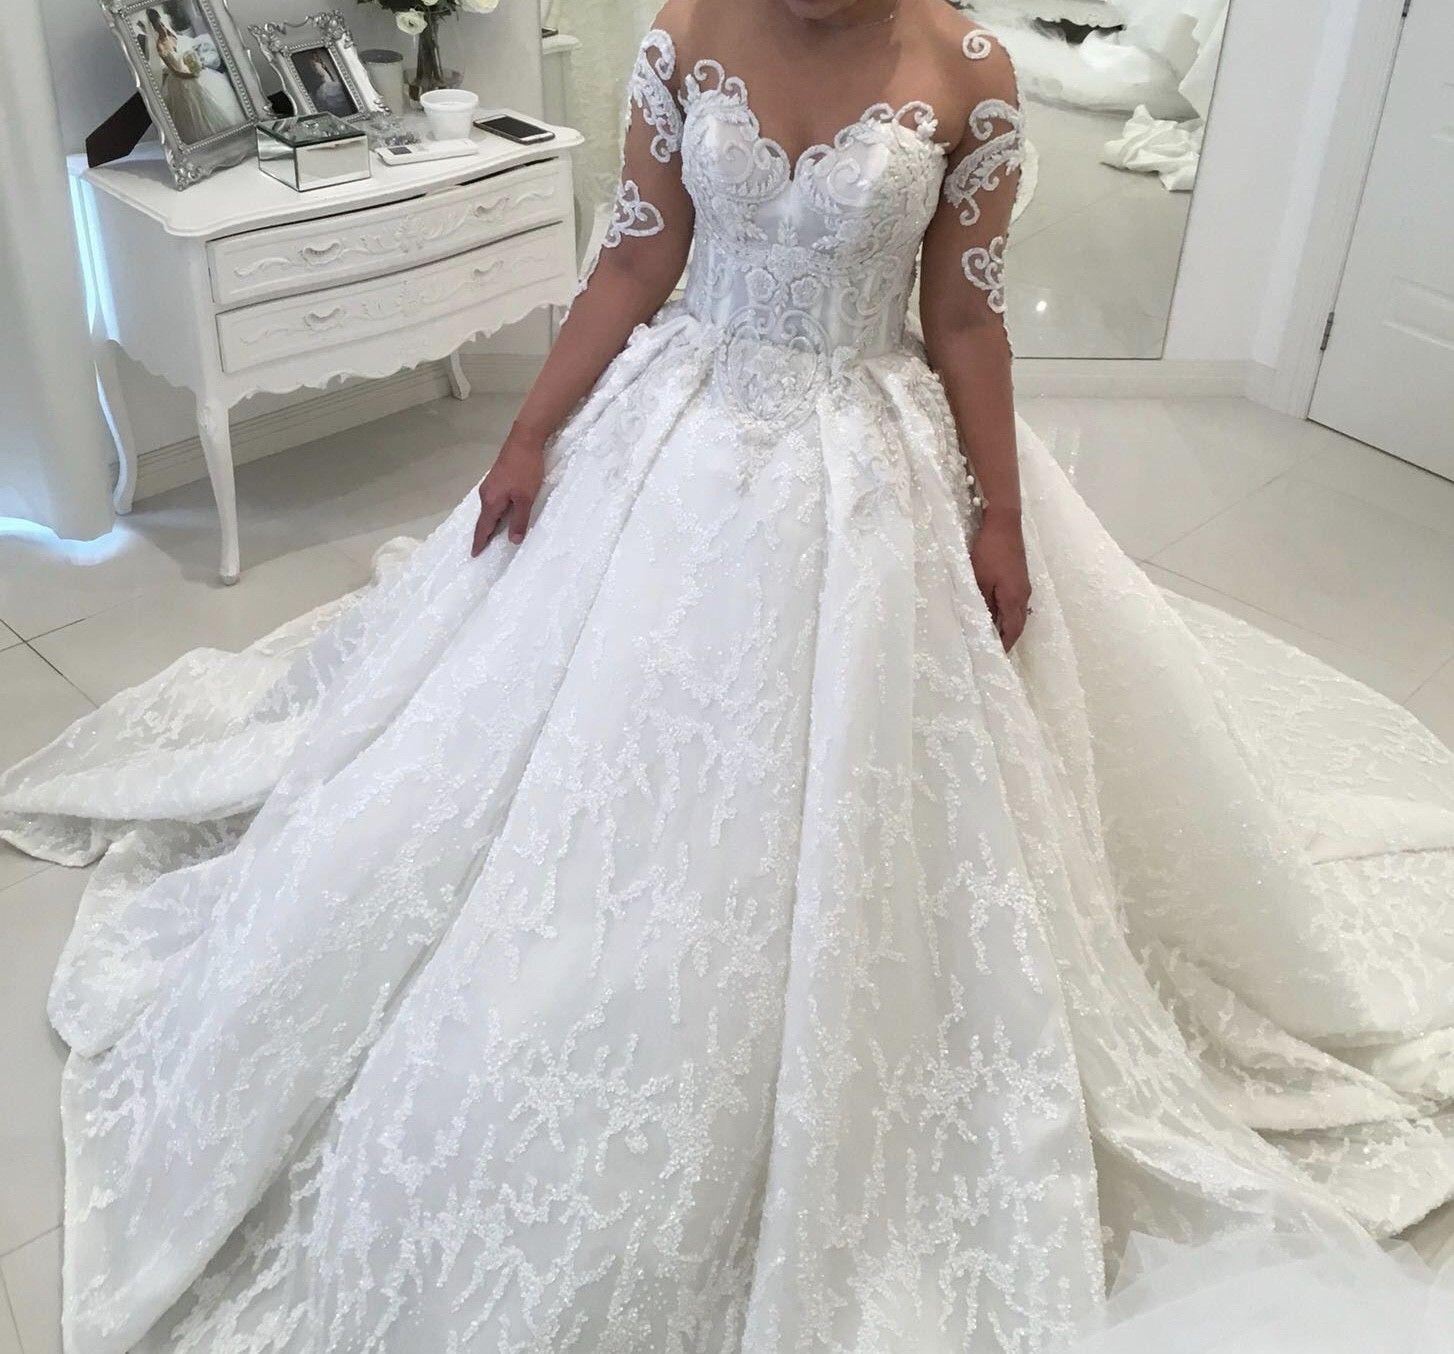 Suzanna Blazevic Custom Made New Wedding Dress Save 47 New Wedding Dresses Dresses Wedding Dresses [ 1354 x 1454 Pixel ]